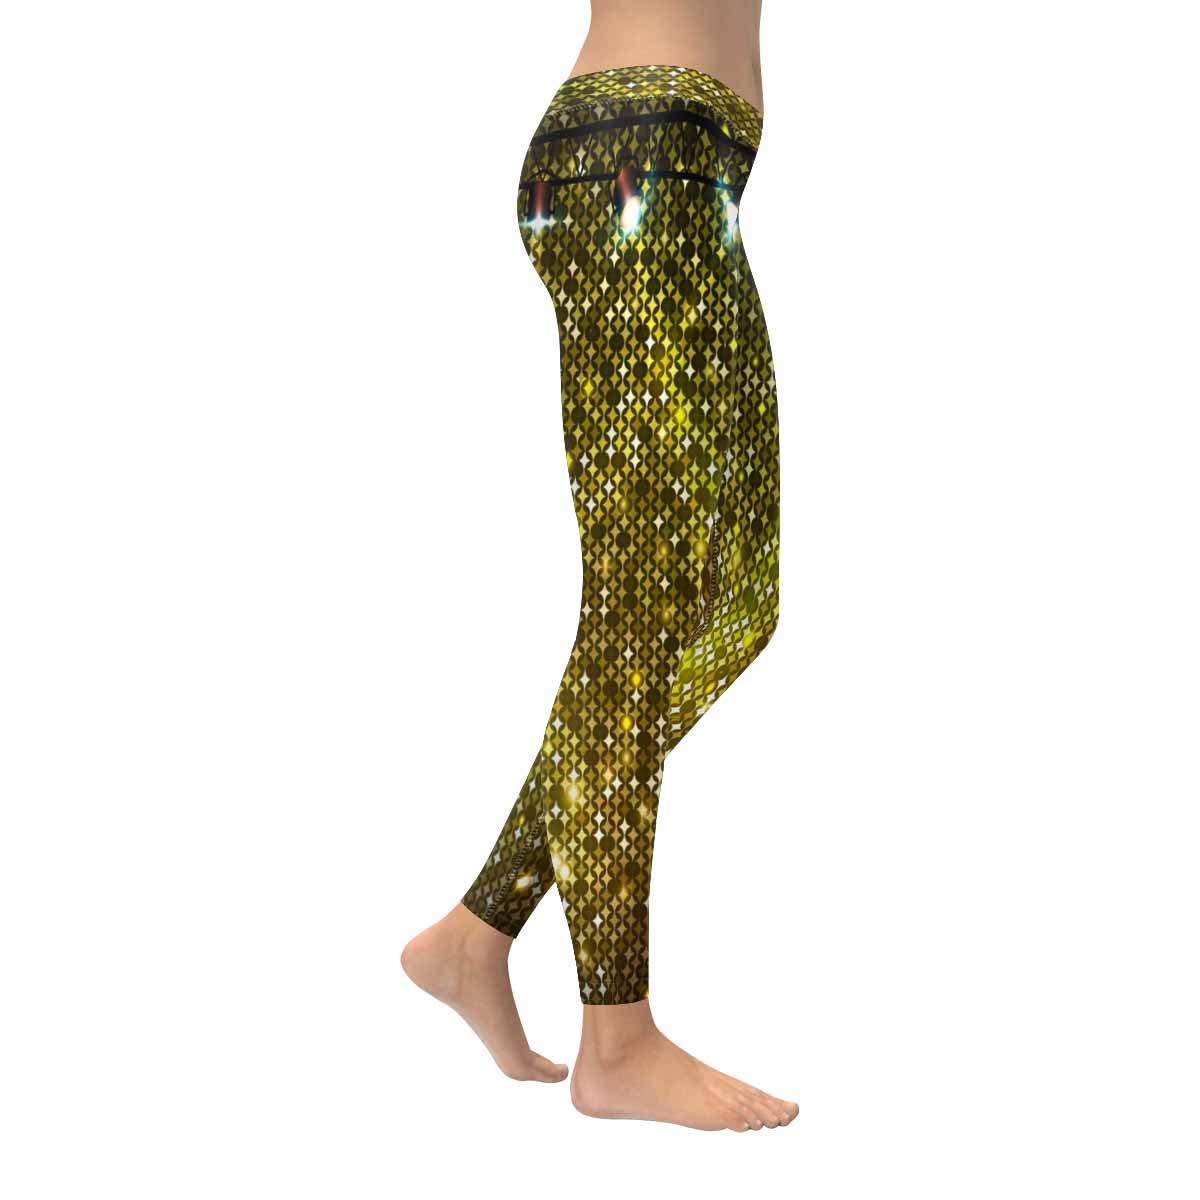 XXS-5XL InterestPrint Womens Full Length Leggings Golden Neon Stretchy Sport Gym Leggings